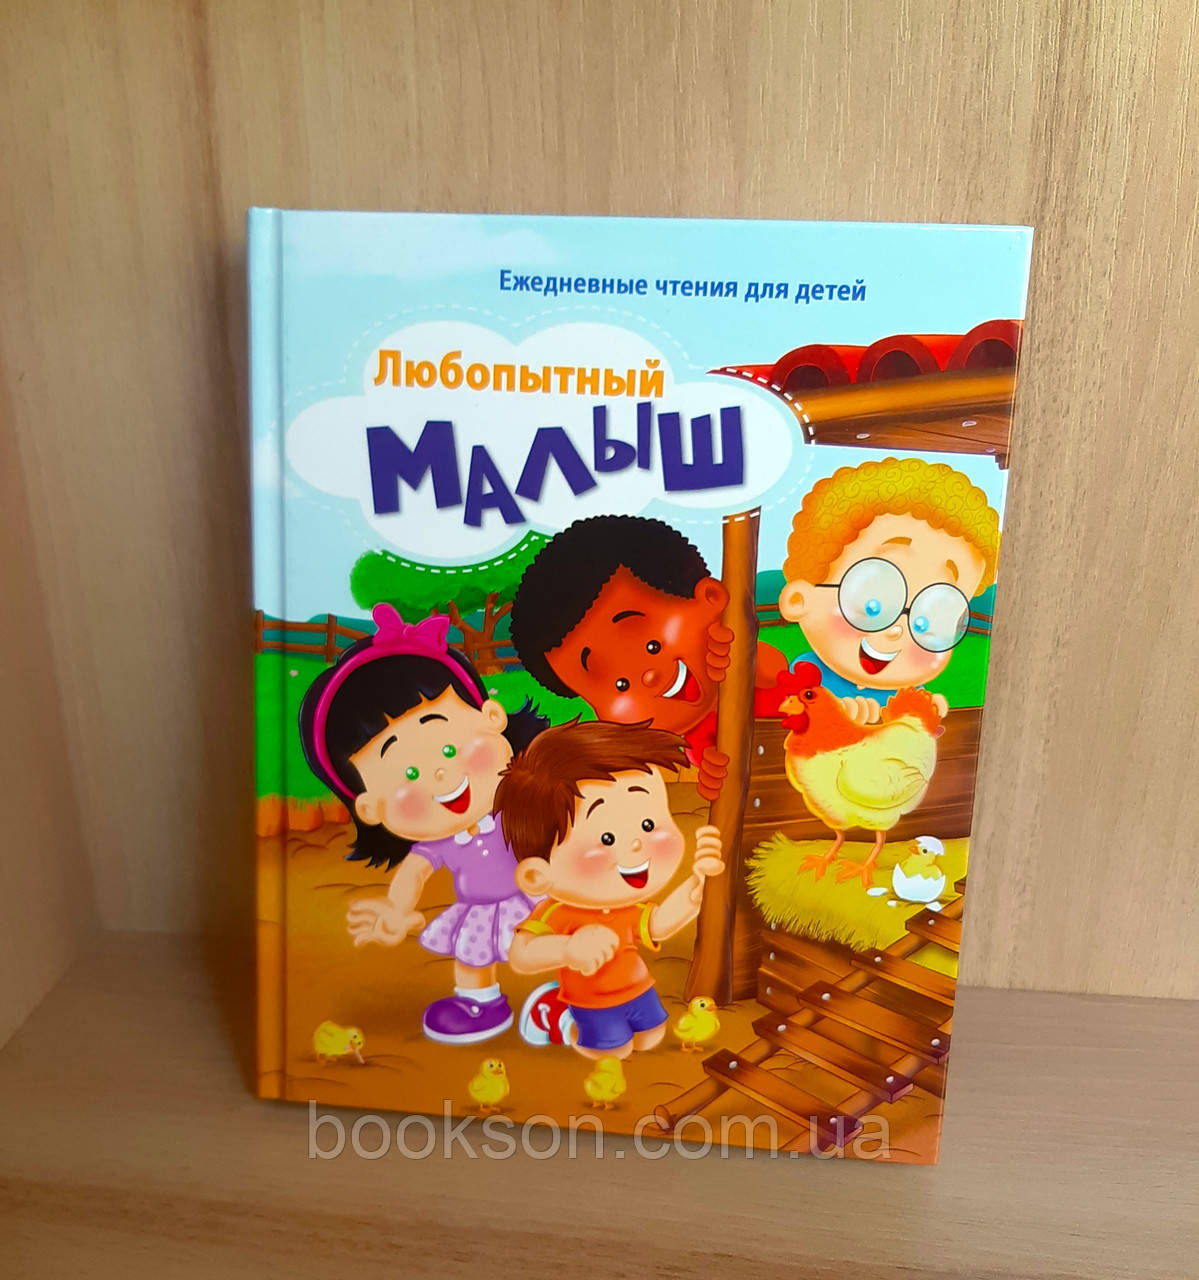 """""""Любопытный малыш"""" Ежедневные чтения для детей"""